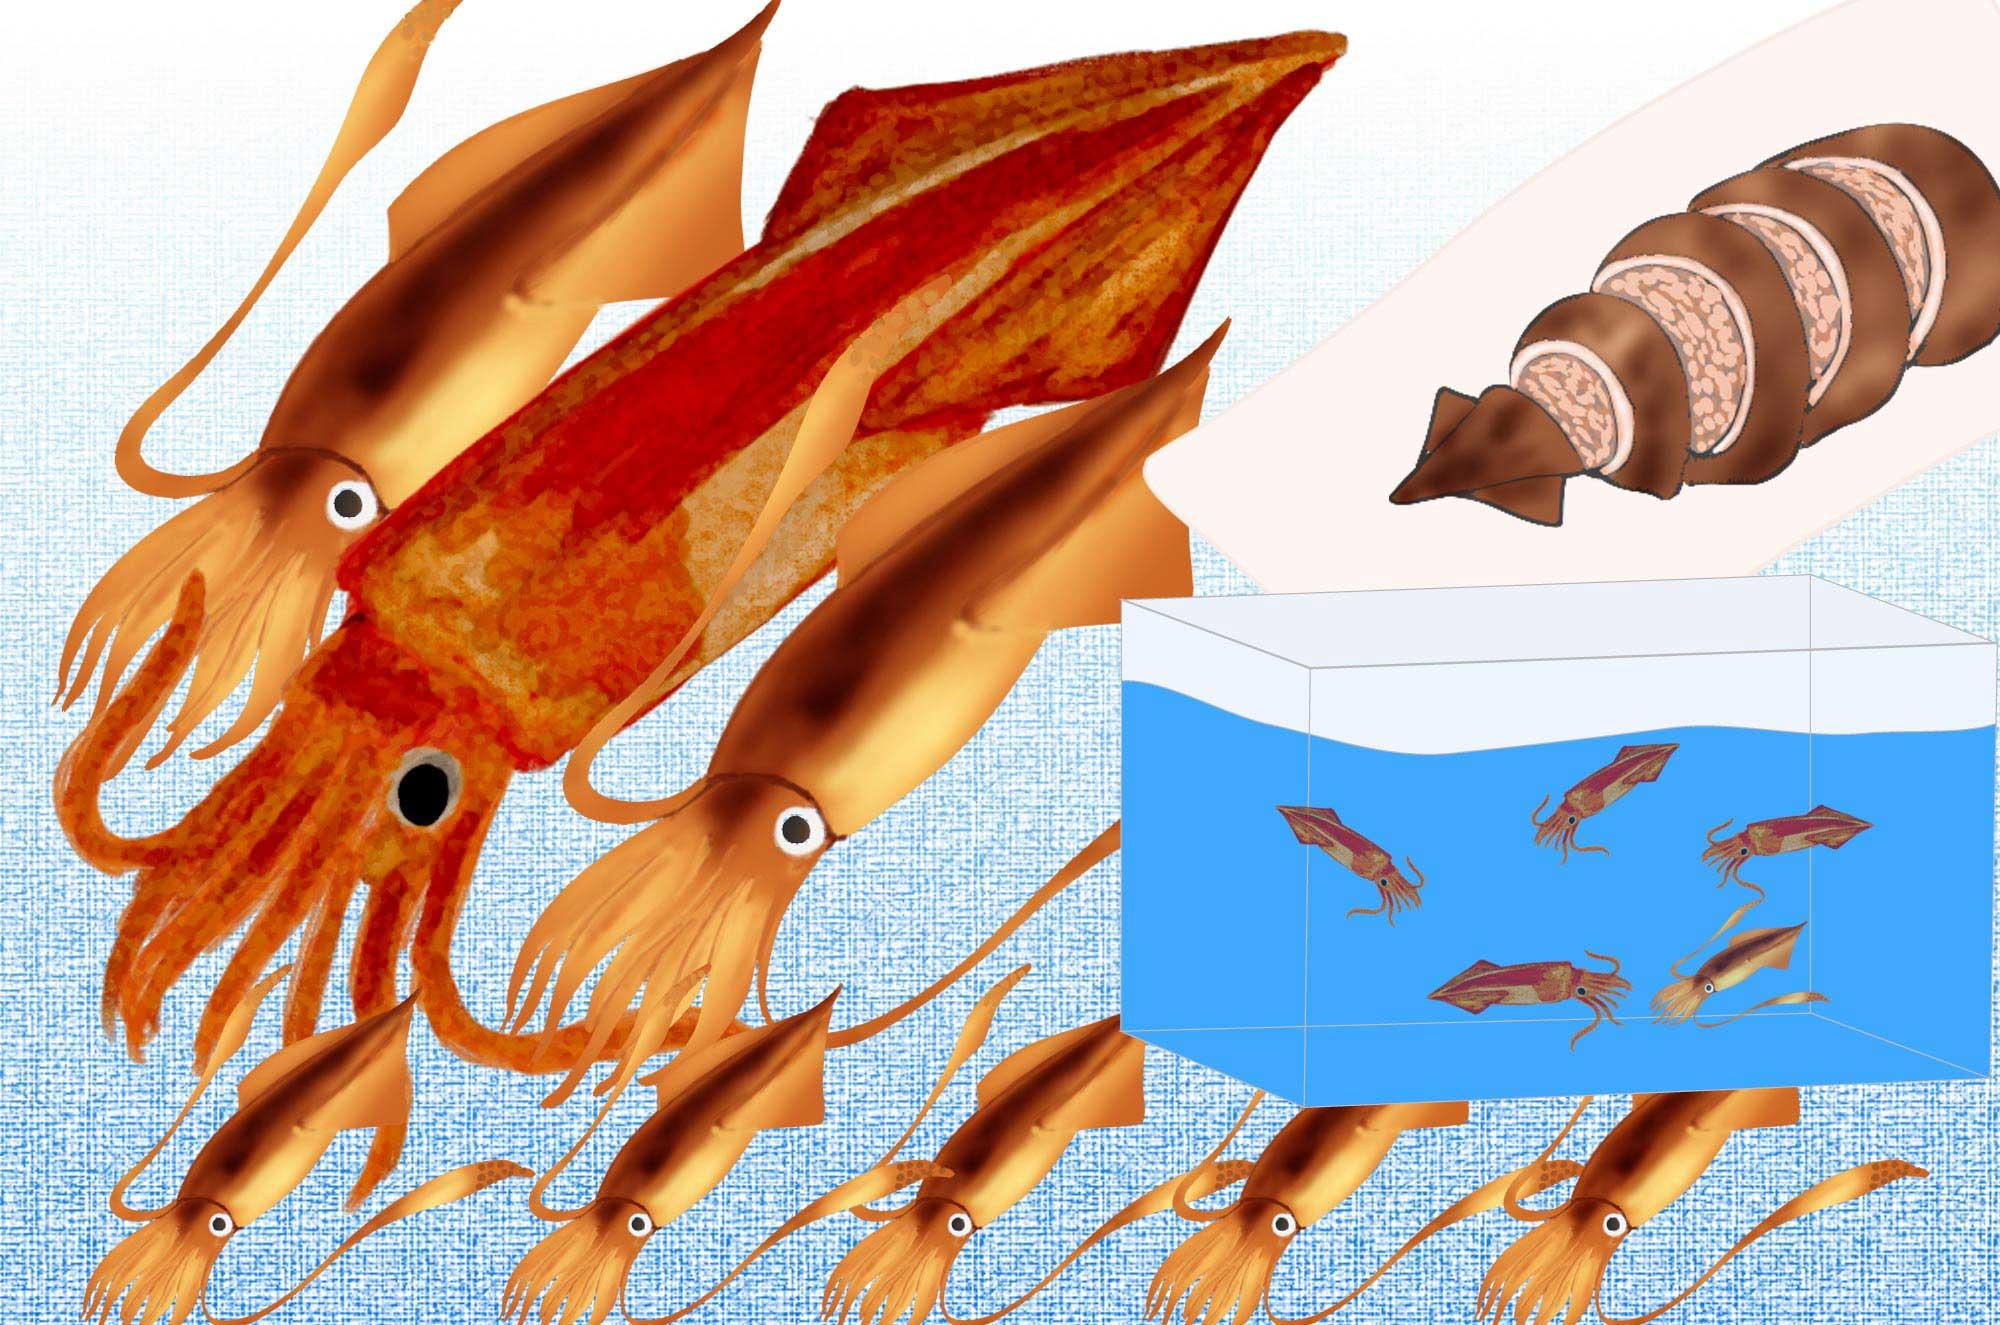 イカの無料イラスト素材 - 料理や可愛いキャラクターも